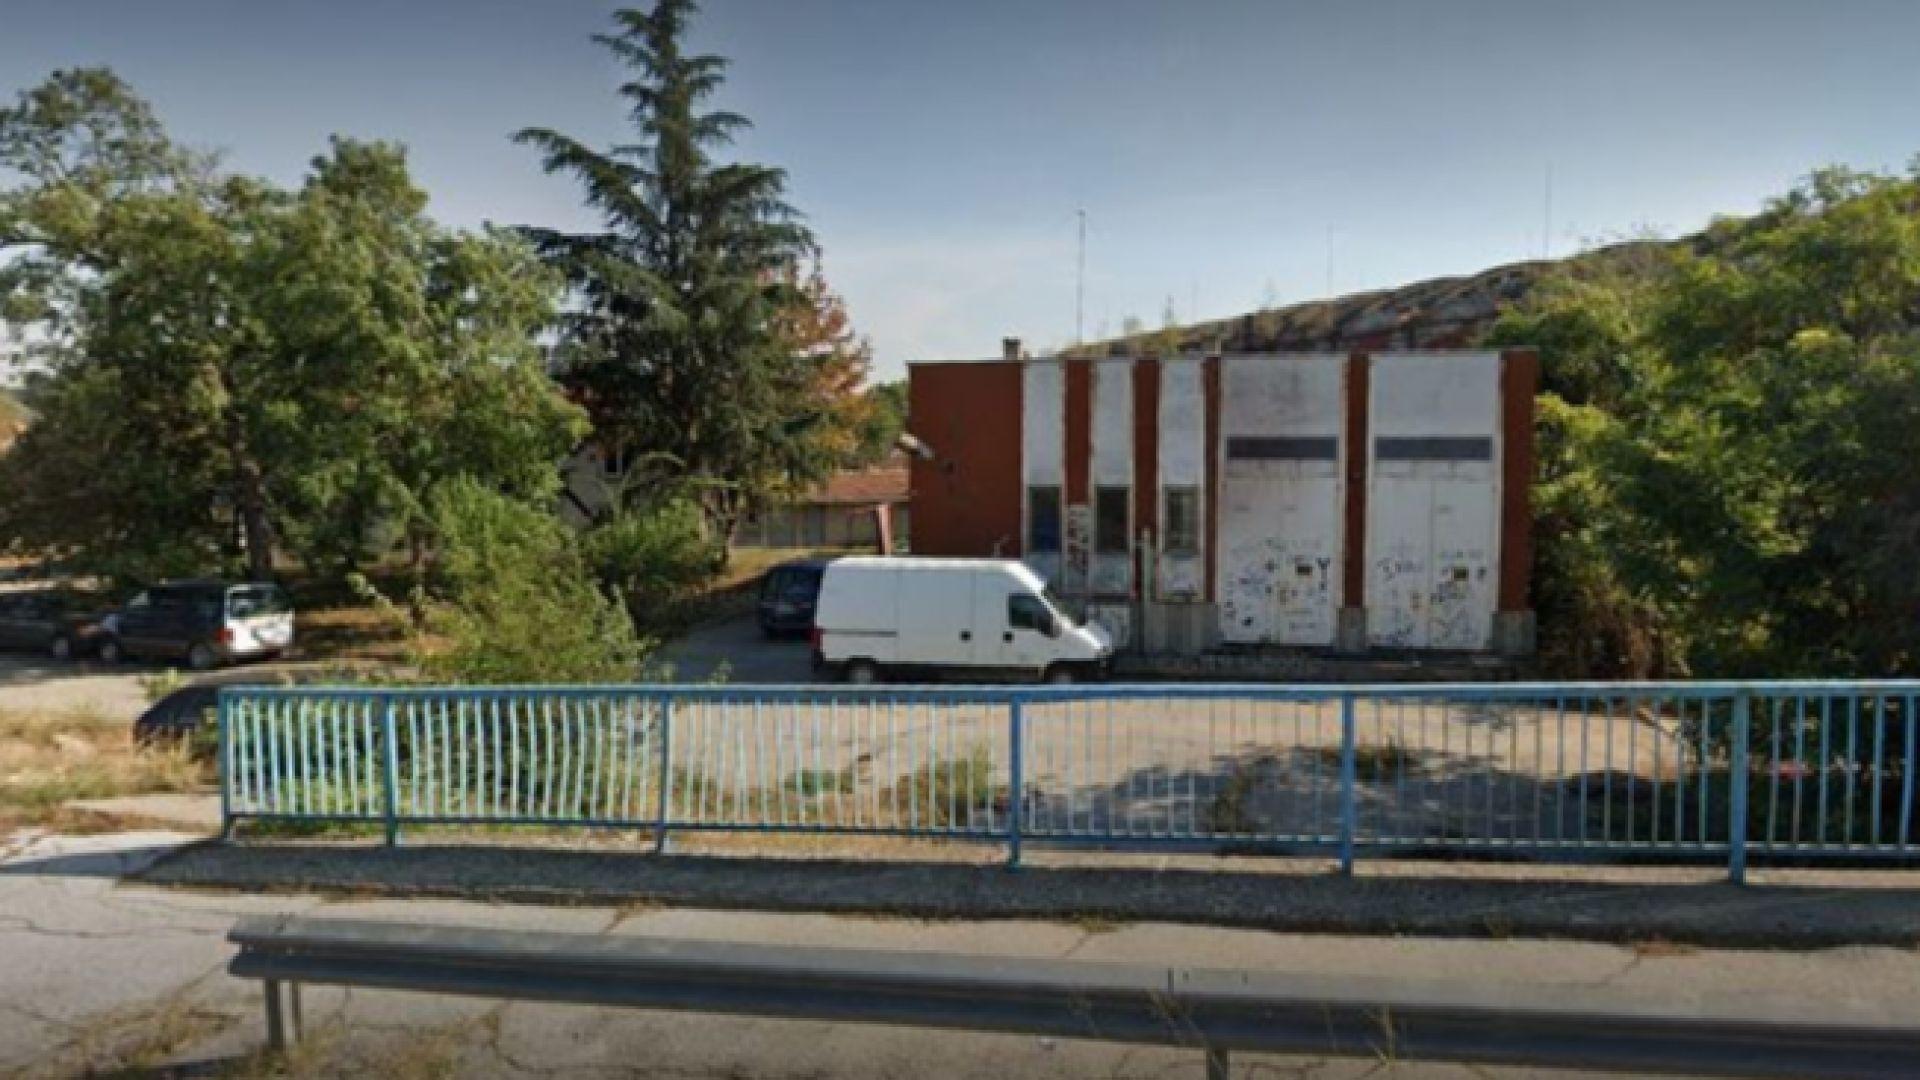 Бившият вагонен завод в Русе става модерен индустриален парк